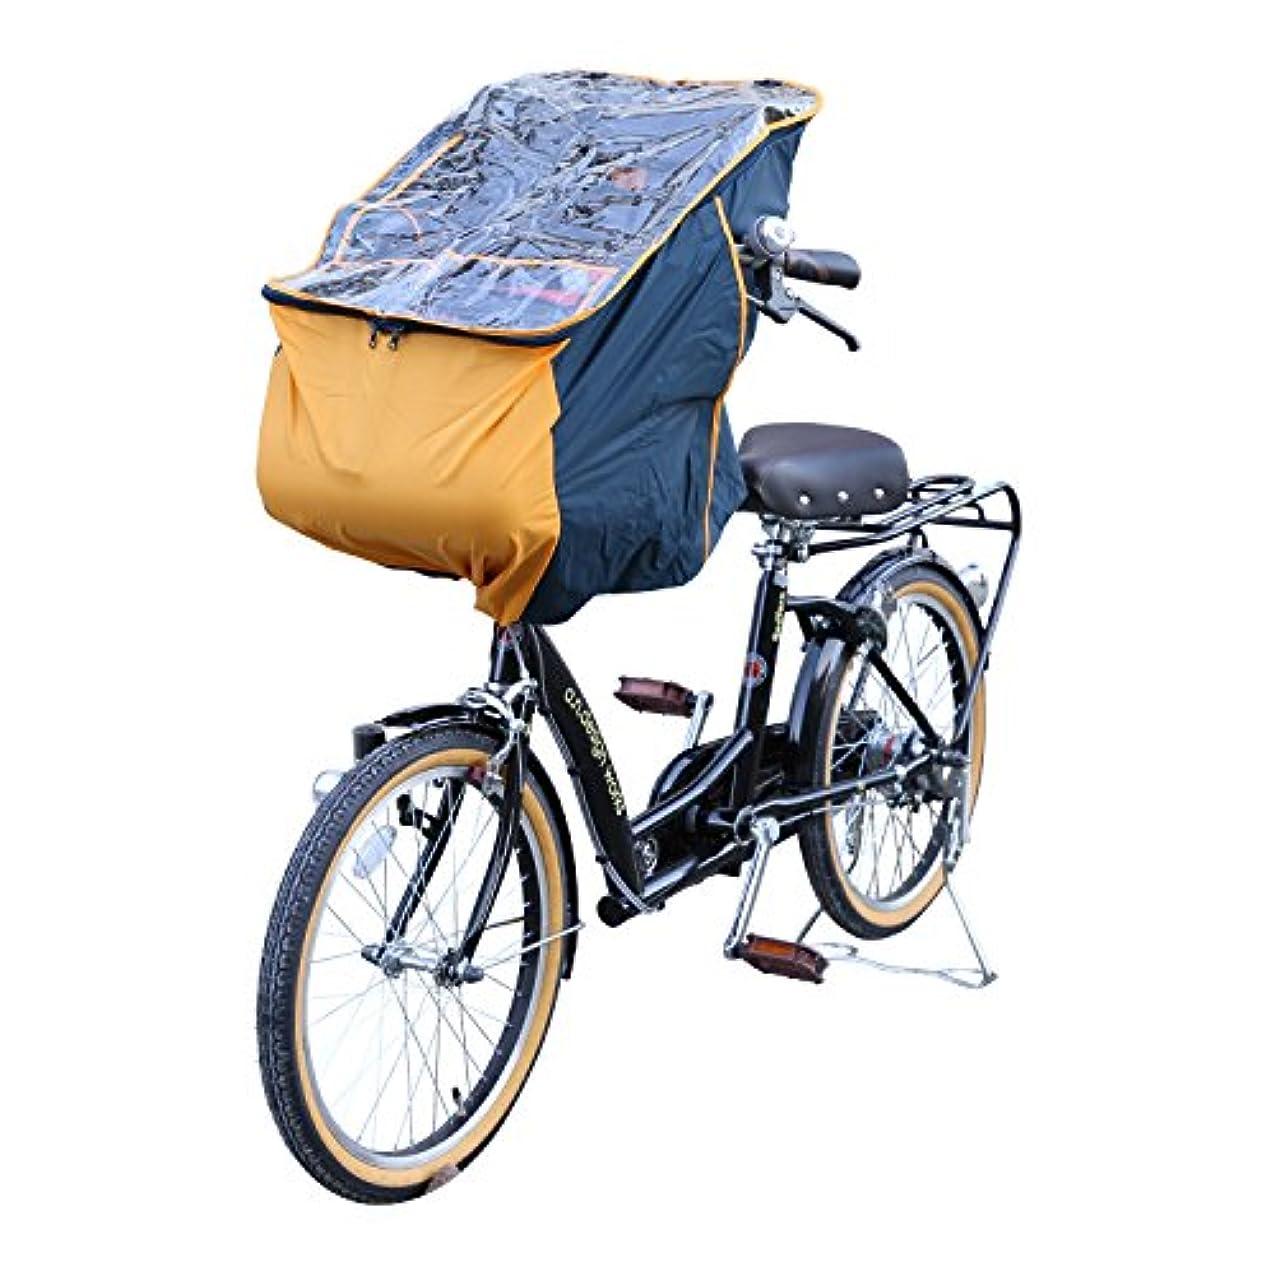 どう?報告書符号My Pallas(マイパラス) 自転車チャイルドシート用レインカバー 無地ツートン 前用 フロント用 IK-008 オレンジ